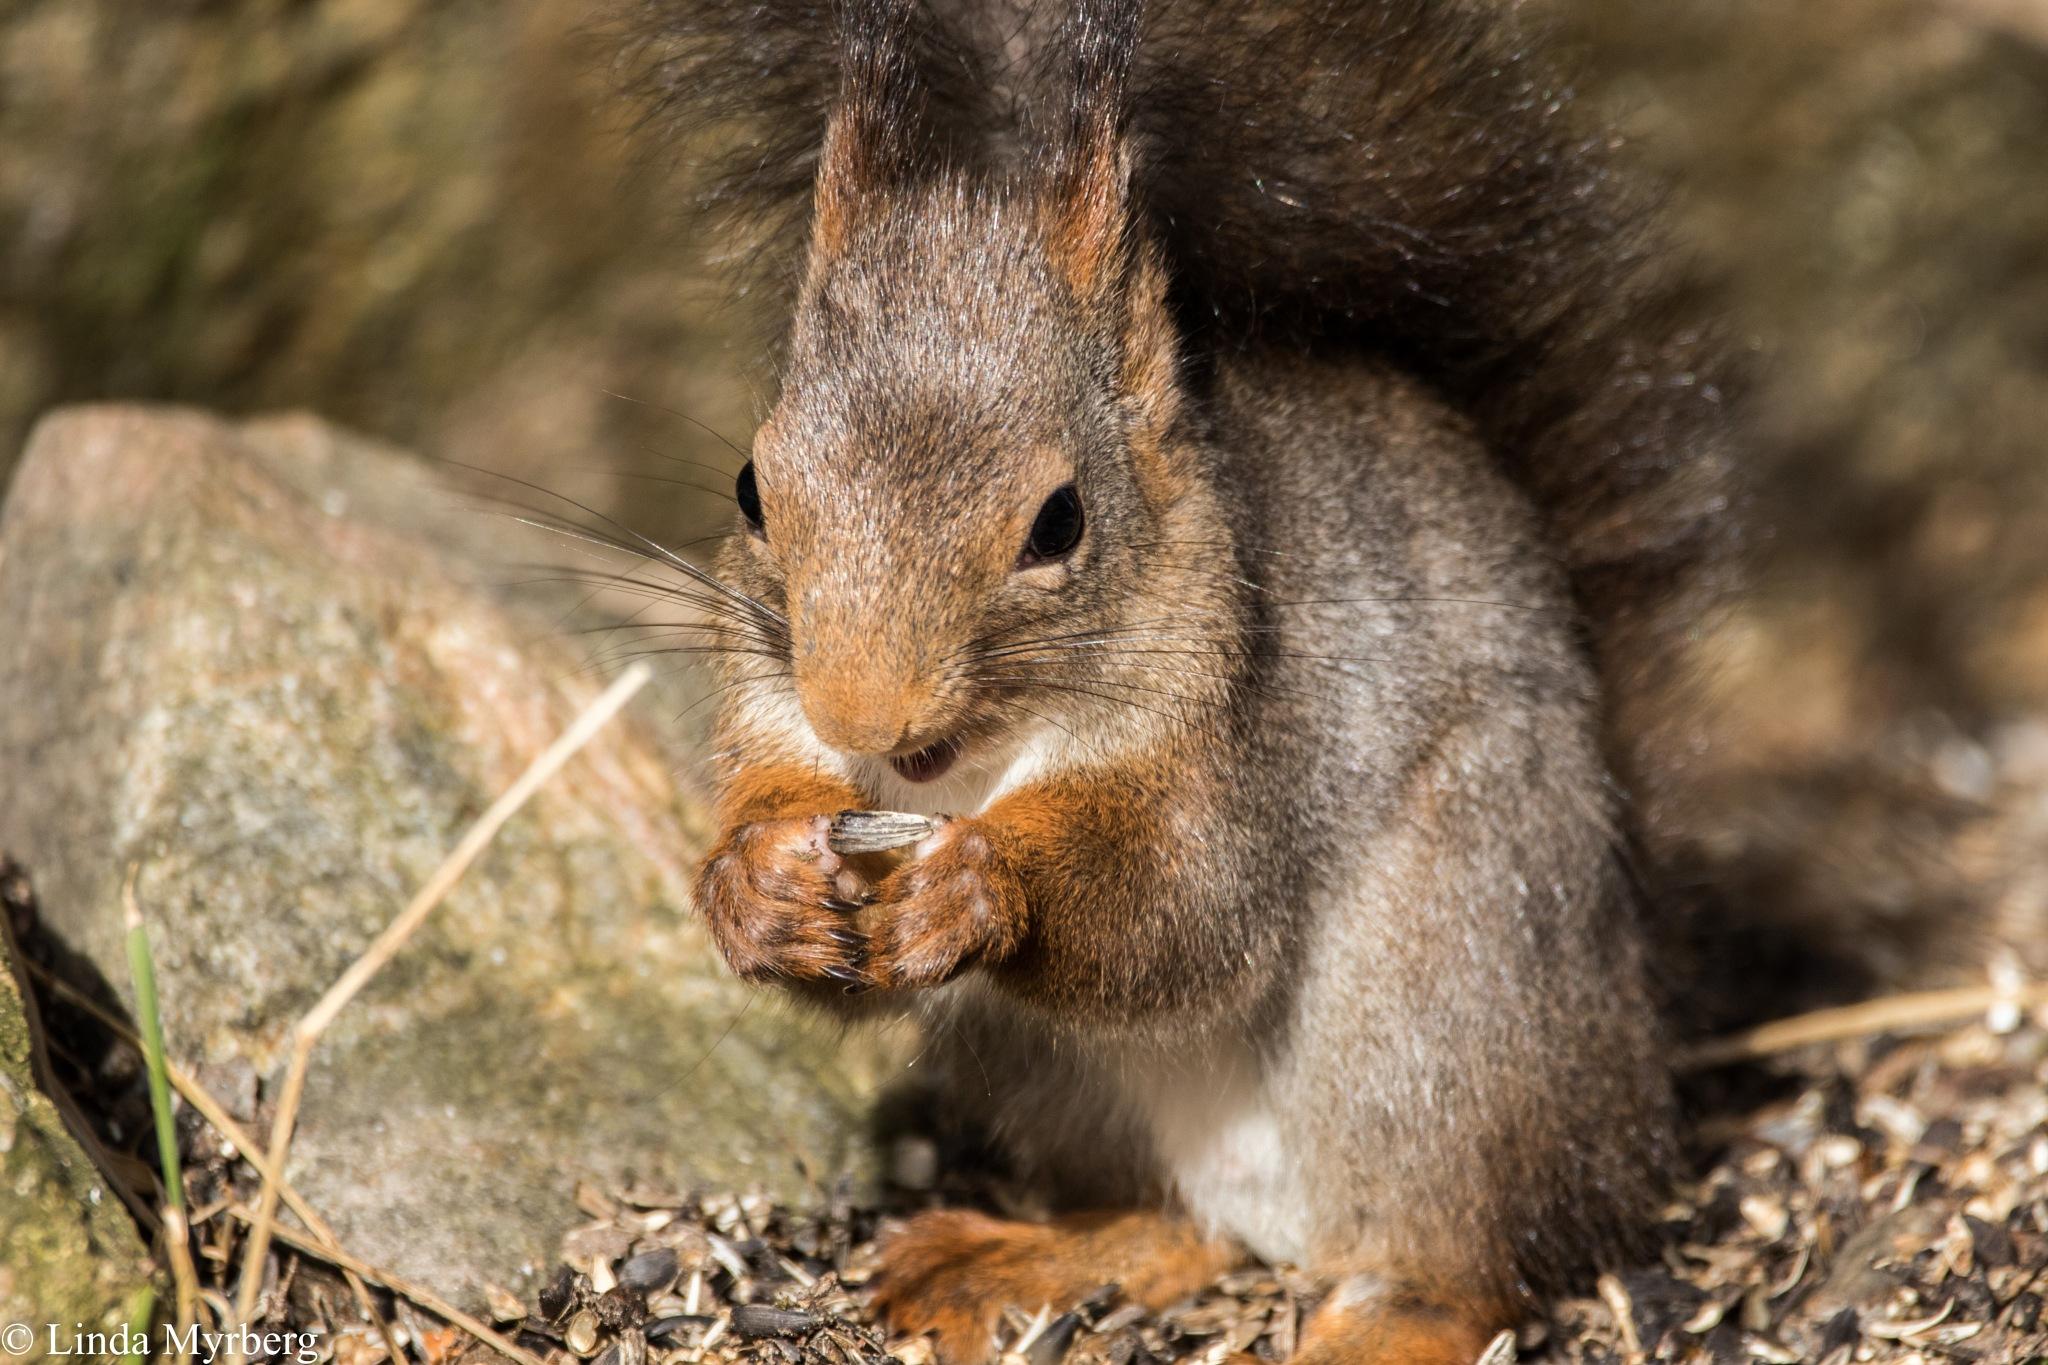 Squirrel  by Linda Myrberg